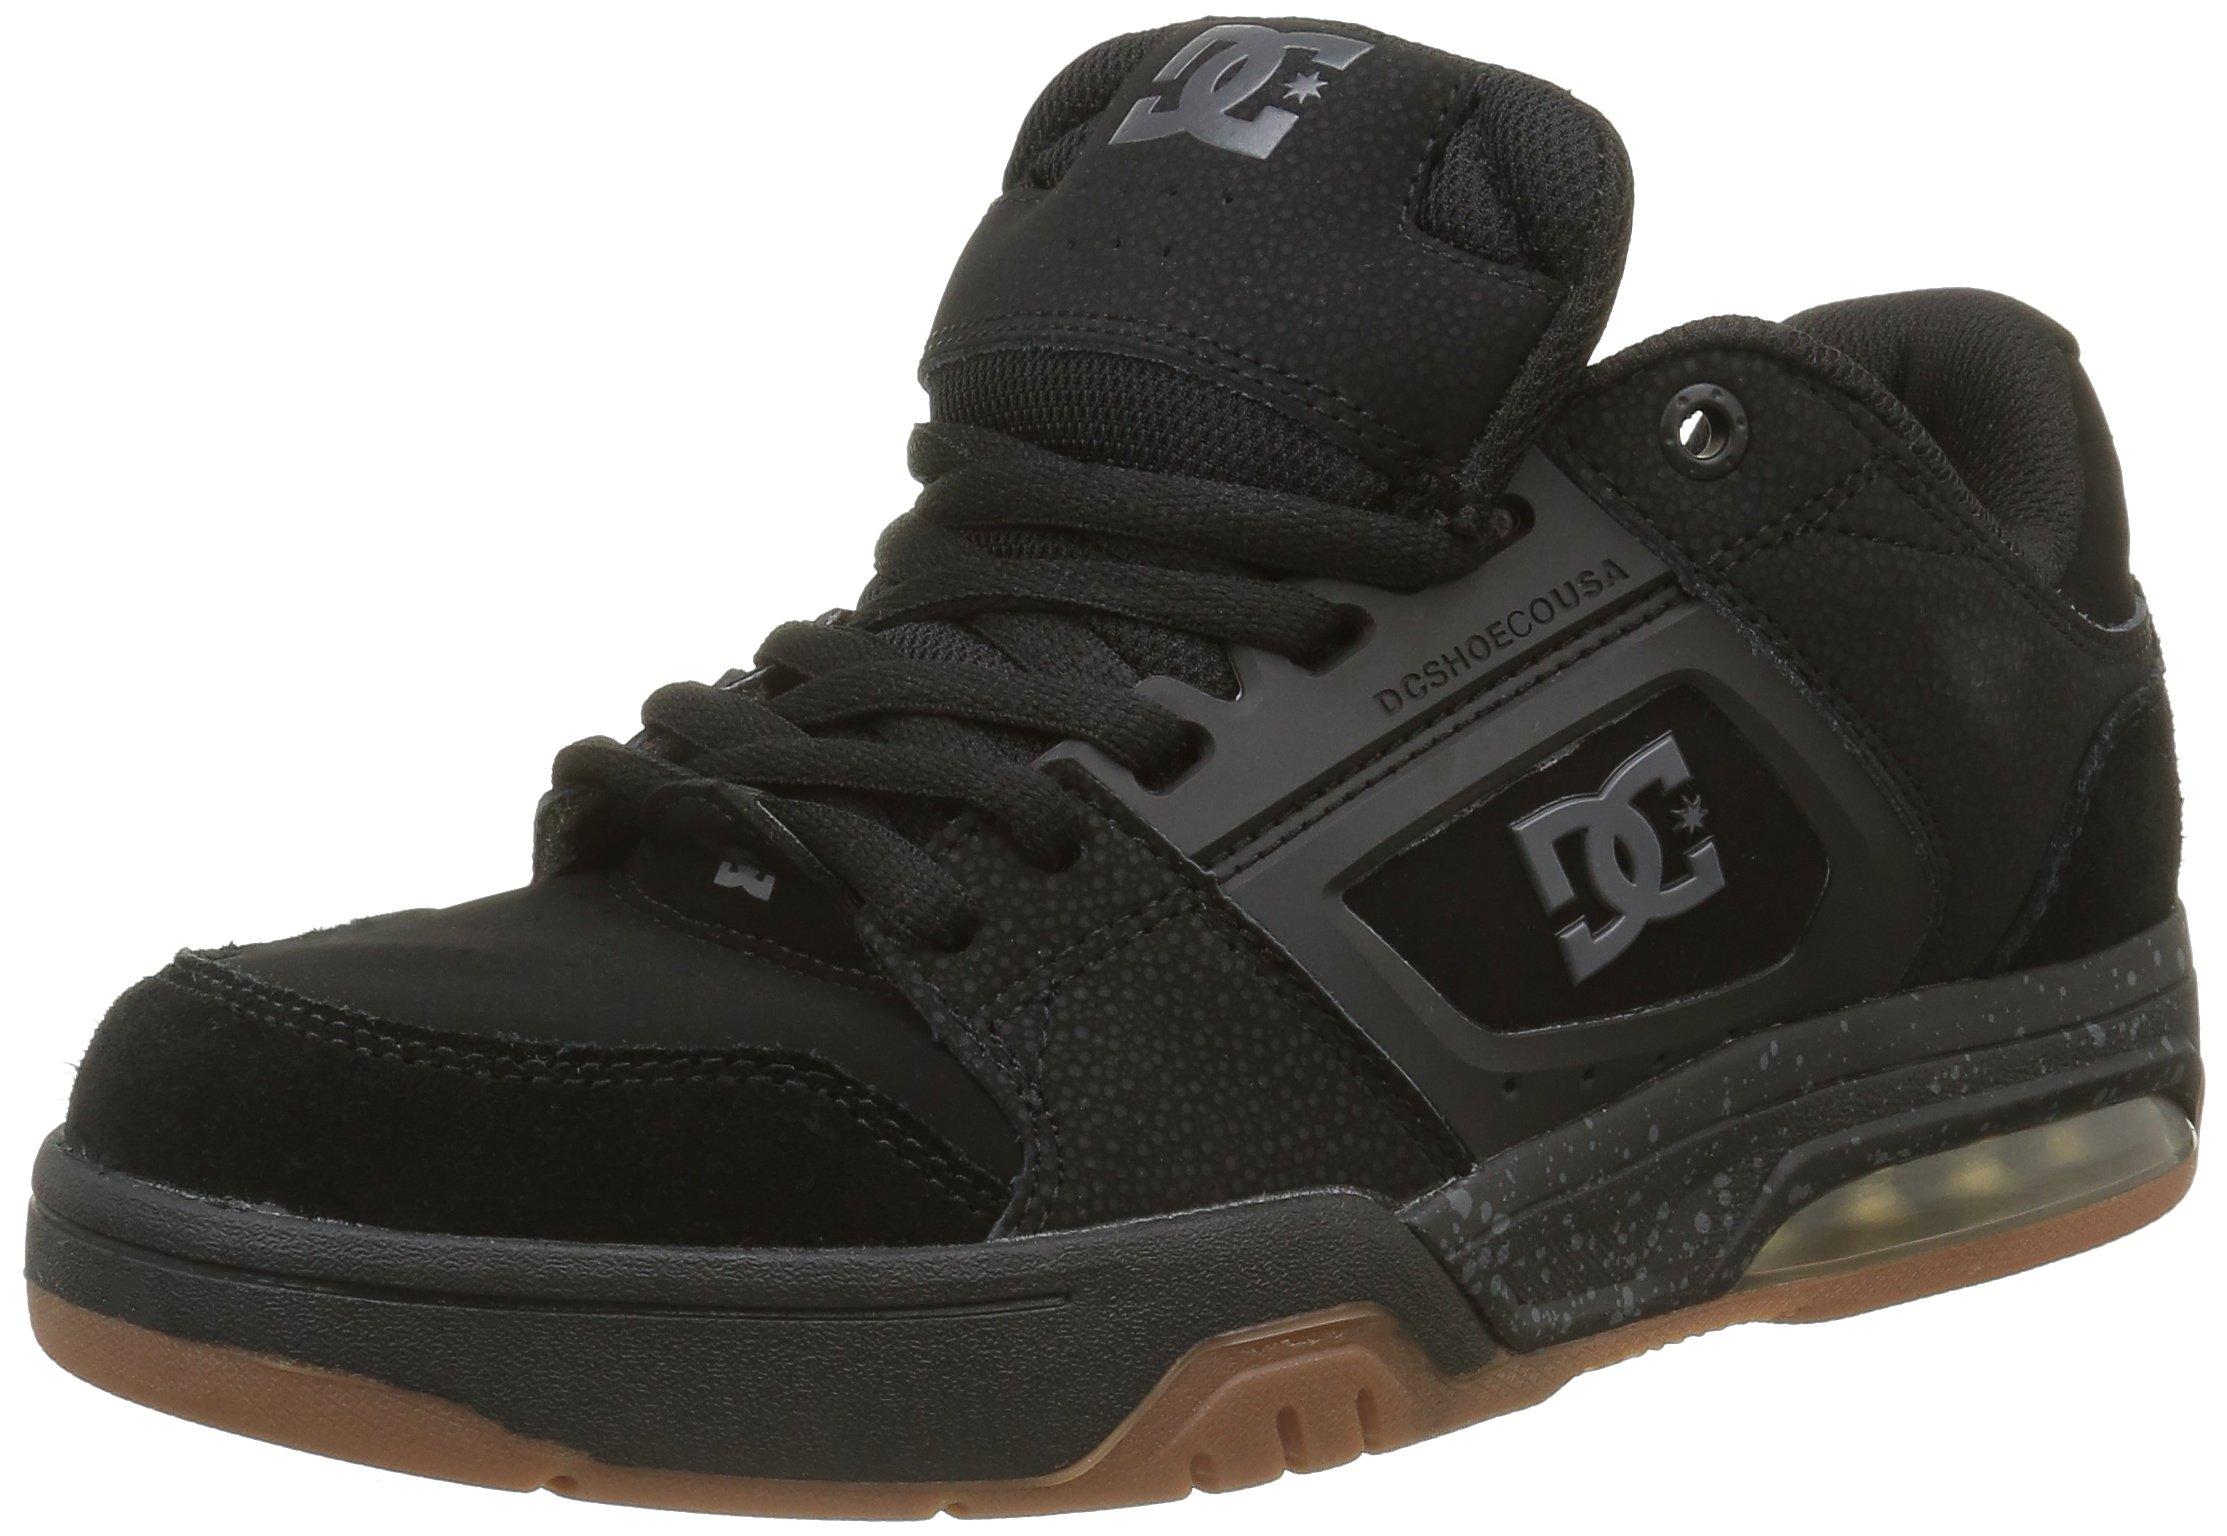 Dc Shoes Shoes RivalEspadrilles Dc HommesNoirblk44 Eu SjqUzLVMpG